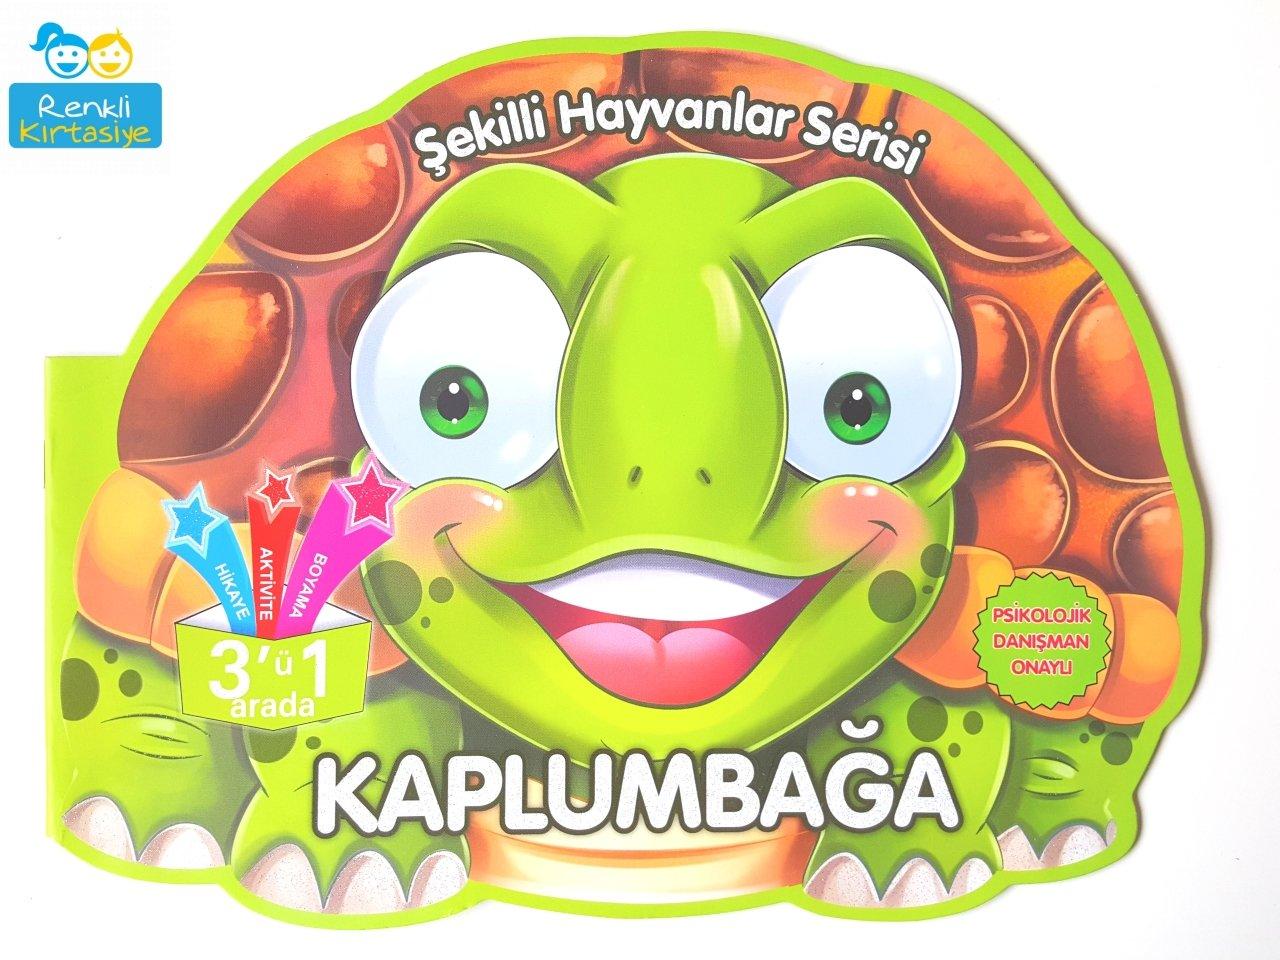 Sekilli Hayvanlar Serisi Kaplumbaga 3 U 1 Arada Aktivite Kitabi